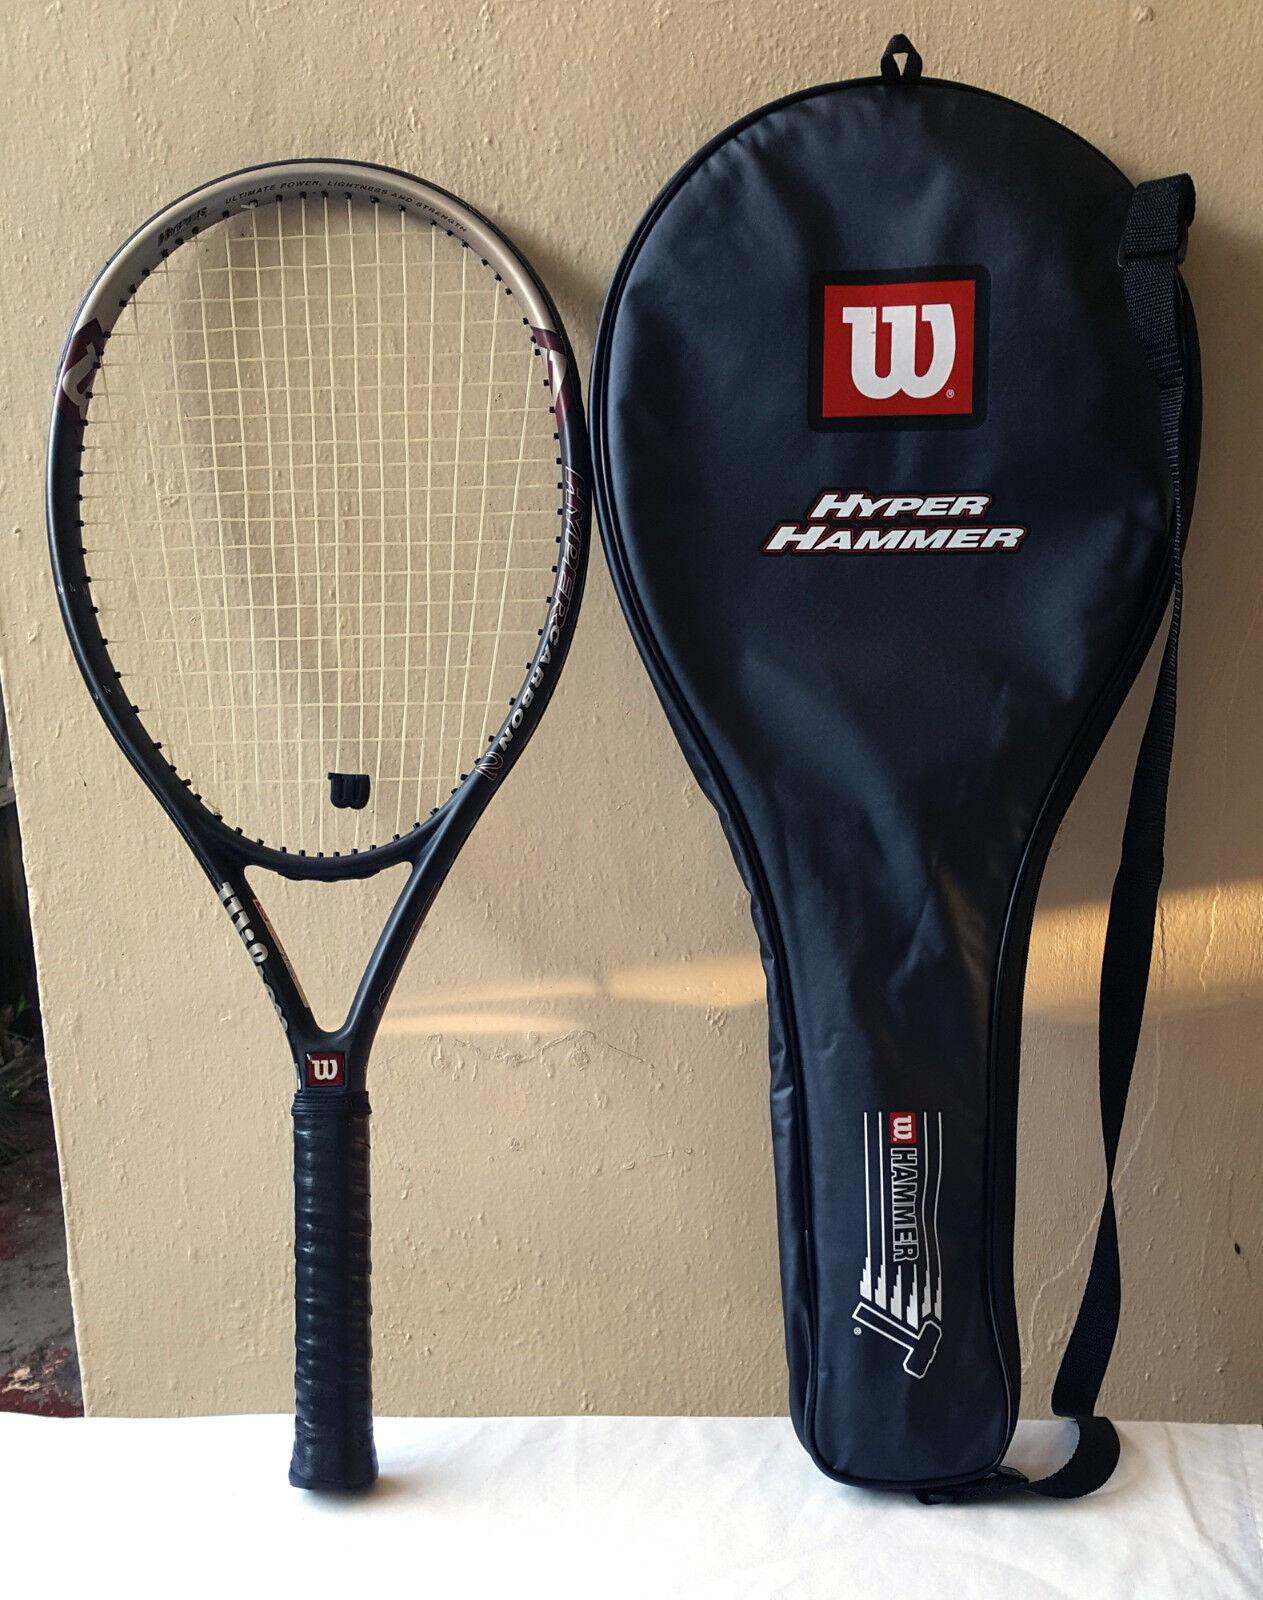 Martillo 3.3 Wilson Hyper Carbono serie 2 Raqueta De Tenis Agarre de gran tamaño 115 de 4 5 8